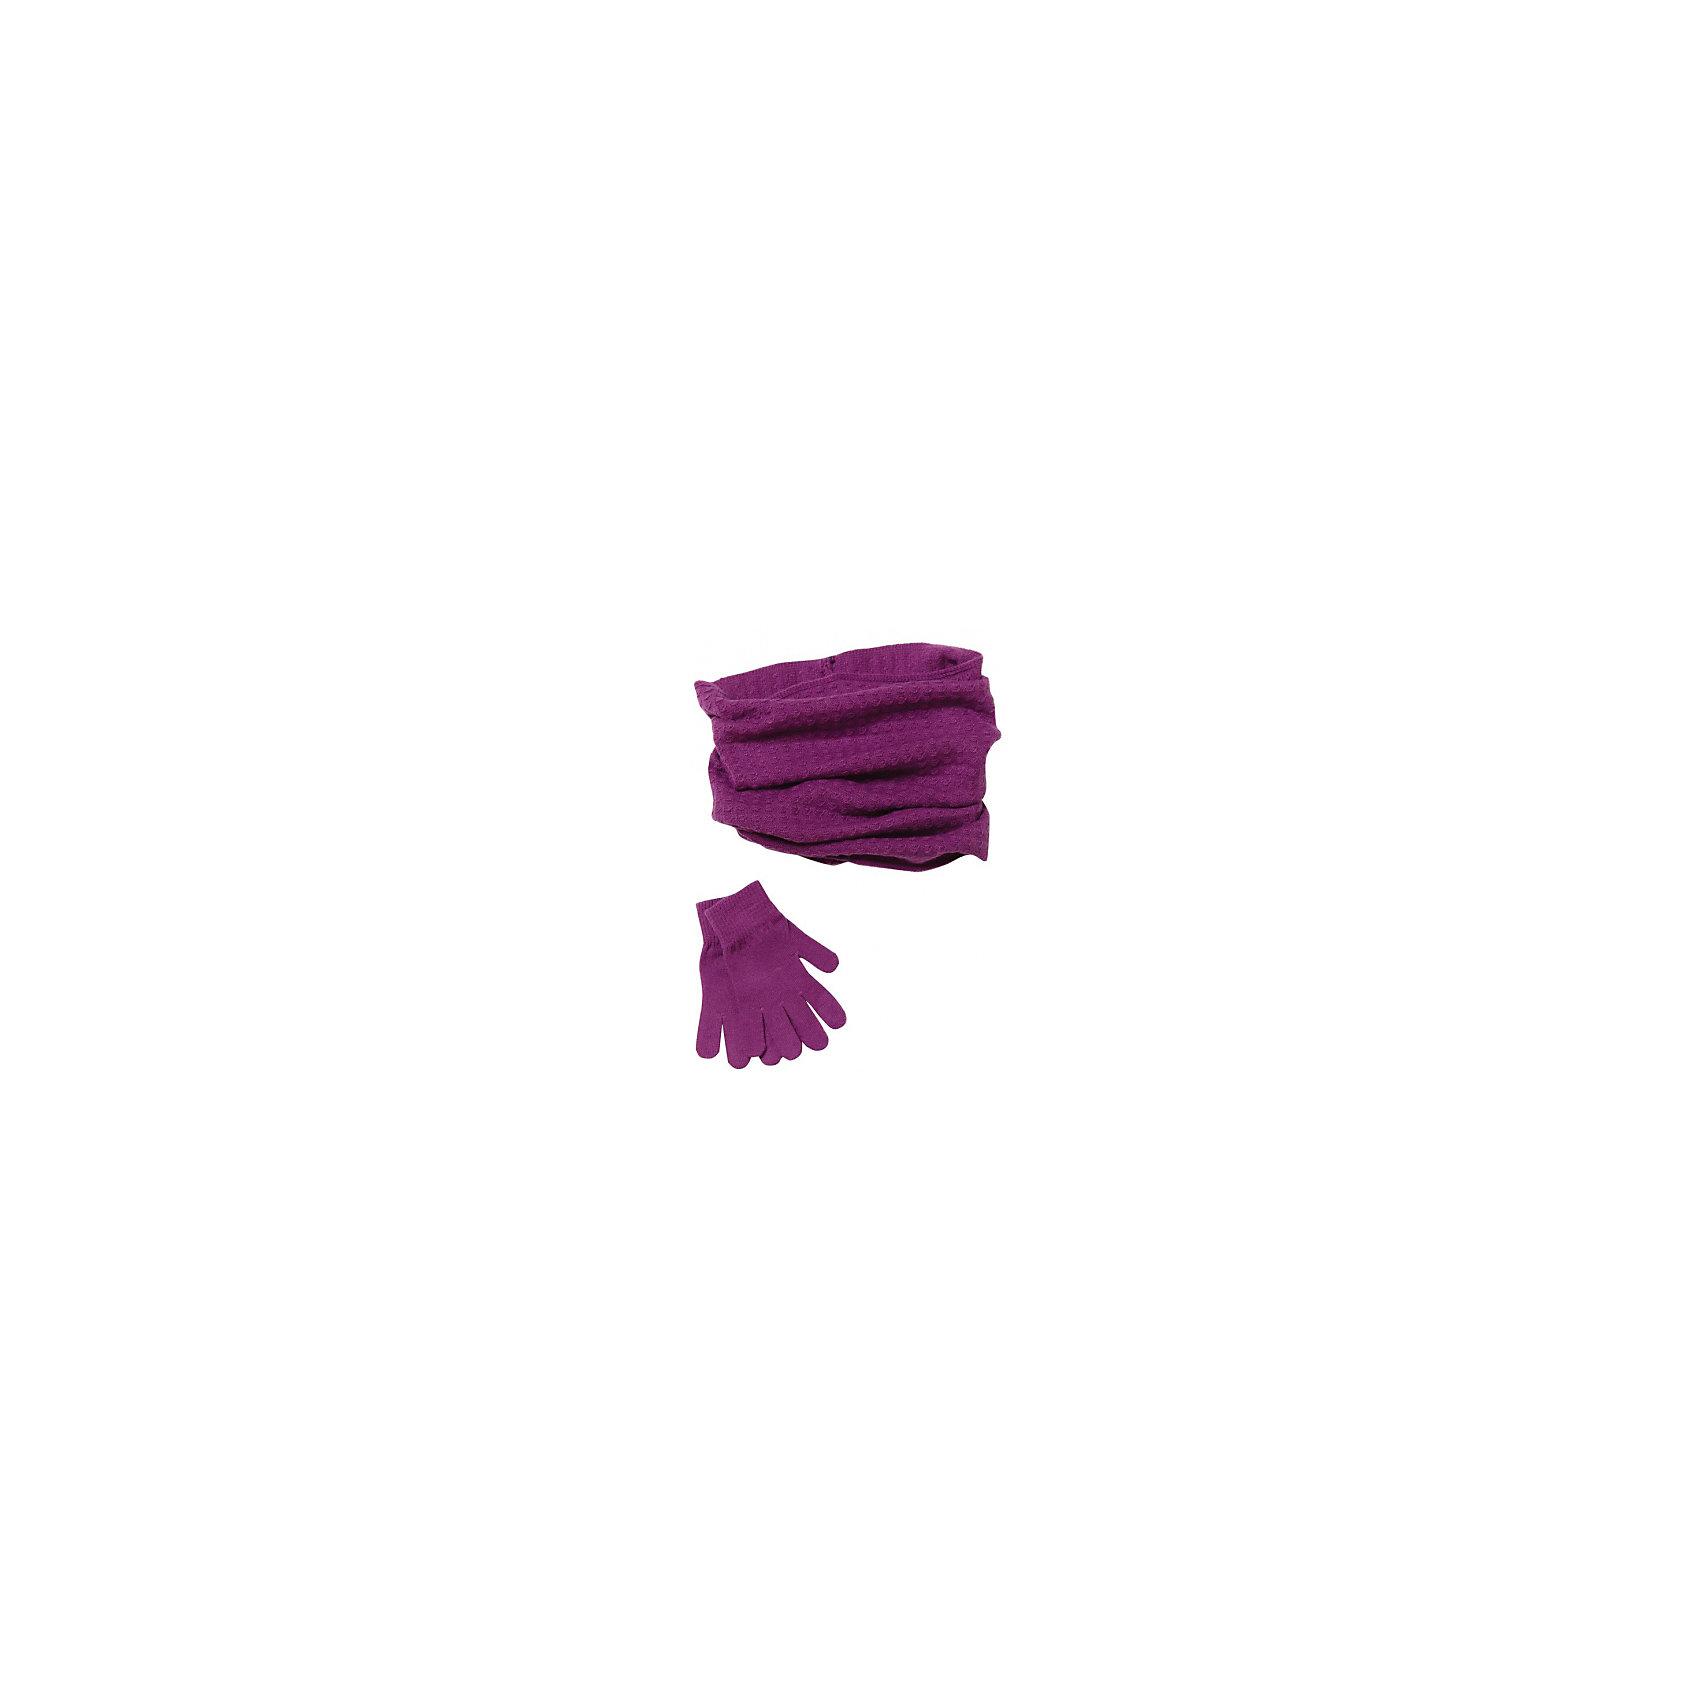 Комплект: шарф и перчатки для девочки ScoolКомплект: шарф и перчатки для девочки из коллекции осень-зима 2016-2017 от известного бренда Scool. Стильный и удобный комплект из шарфа и перчаток для прохладной погоды. Приятный темно-сиреневый цвет в сочетании с интересной вязкой придет по вкусу вашей моднице. Шарф круглый, выполнен в стиле снуд, его нельзя завязать. Комплект отлично подойдет как к курткам, так и к пальто.<br><br>Дополнительная информация:<br>- Длина шарфа: 39 см.<br>- Ширина шарфа: 27 см.<br><br>Состав: 80% акрил, 20% шерсть <br><br>Комплект: шарф и перчатки для девочек Sela можно купить в нашем интернет-магазине.<br><br>Подробнее:<br>• Для детей в возрасте: от 8 до 14 лет<br>• Номер товара: 4911307<br>Страна производитель: Китай<br><br>Ширина мм: 88<br>Глубина мм: 155<br>Высота мм: 26<br>Вес г: 106<br>Цвет: фиолетовый<br>Возраст от месяцев: 72<br>Возраст до месяцев: 84<br>Пол: Женский<br>Возраст: Детский<br>Размер: 54<br>SKU: 4911306